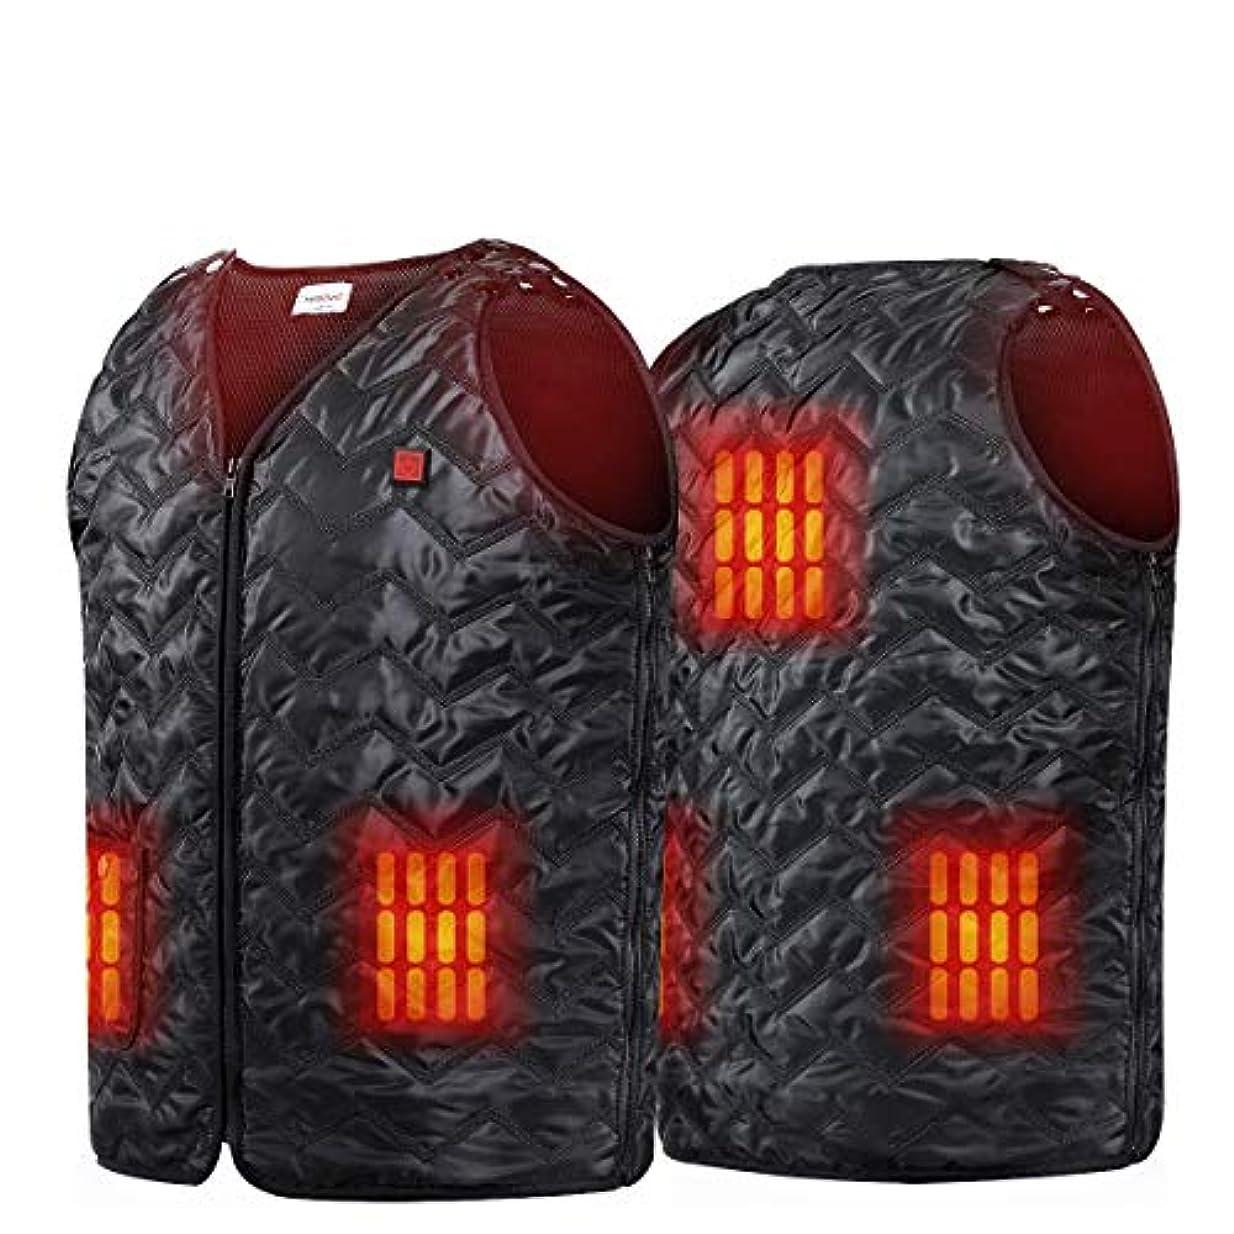 耐久有害な社会Niubalac 温水ベスト バイク用 ハイキング 狩猟 釣り スキー用 5パネル加熱服サイズ調節可能なウォッシャブル軽量鎮痛剤を充電USB アウトドアアクティビティは男性女性ユニセックス 適合します Lサイズ ブラック